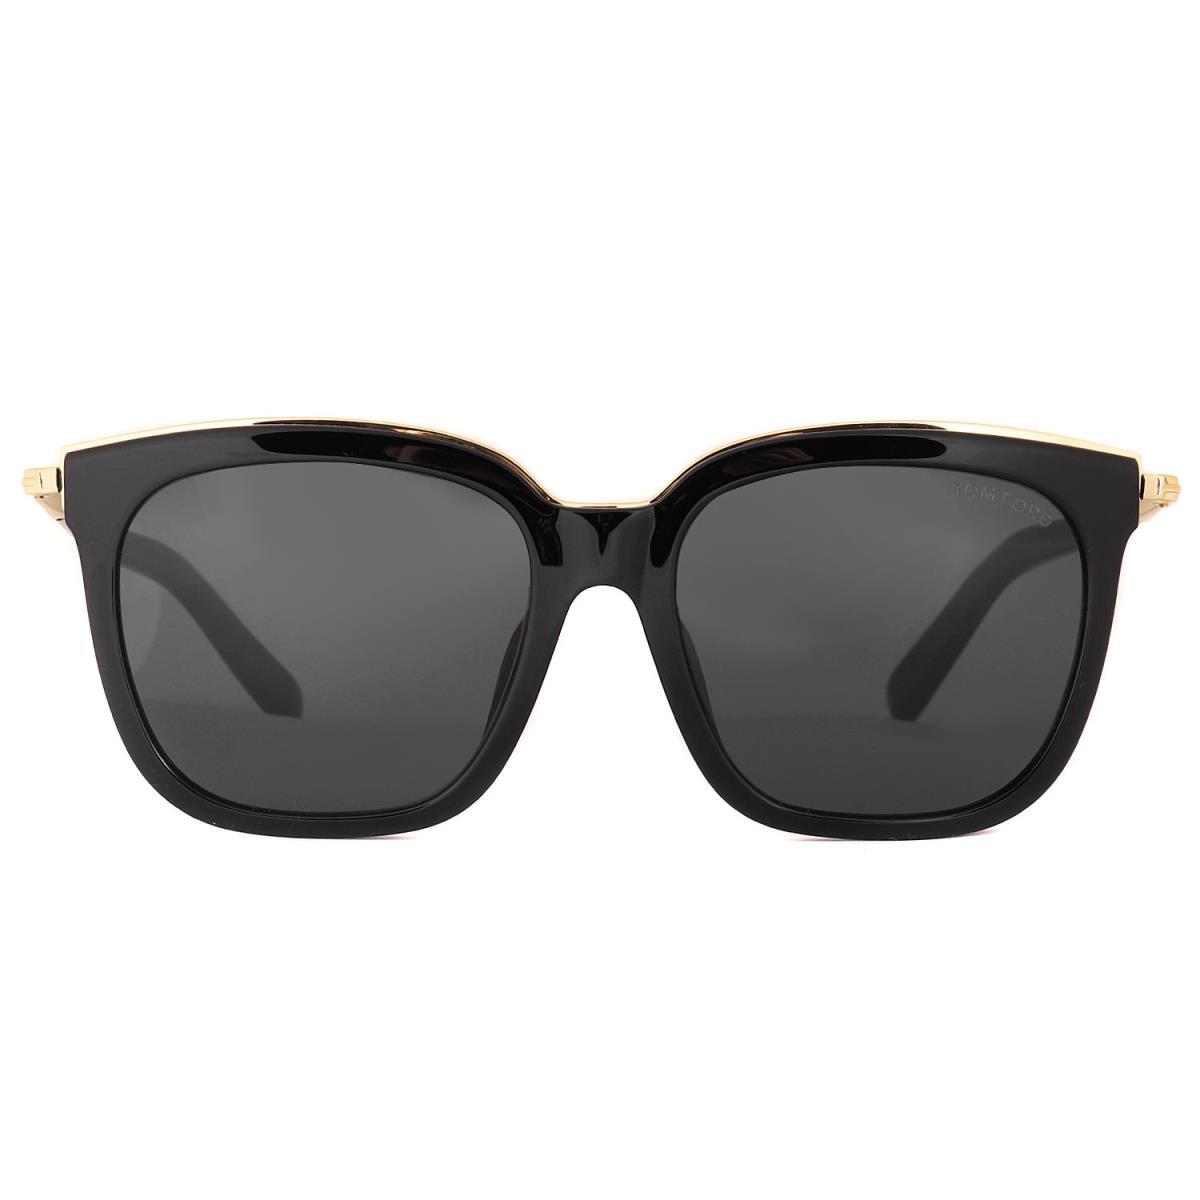 TOM FORD トムフォード サングラス ウェリントン サングラス TF483-D イタリア製 眼鏡 ブラック ゴールド スモーク 56□18 【メンズ】【中古】【美品】【K2490】